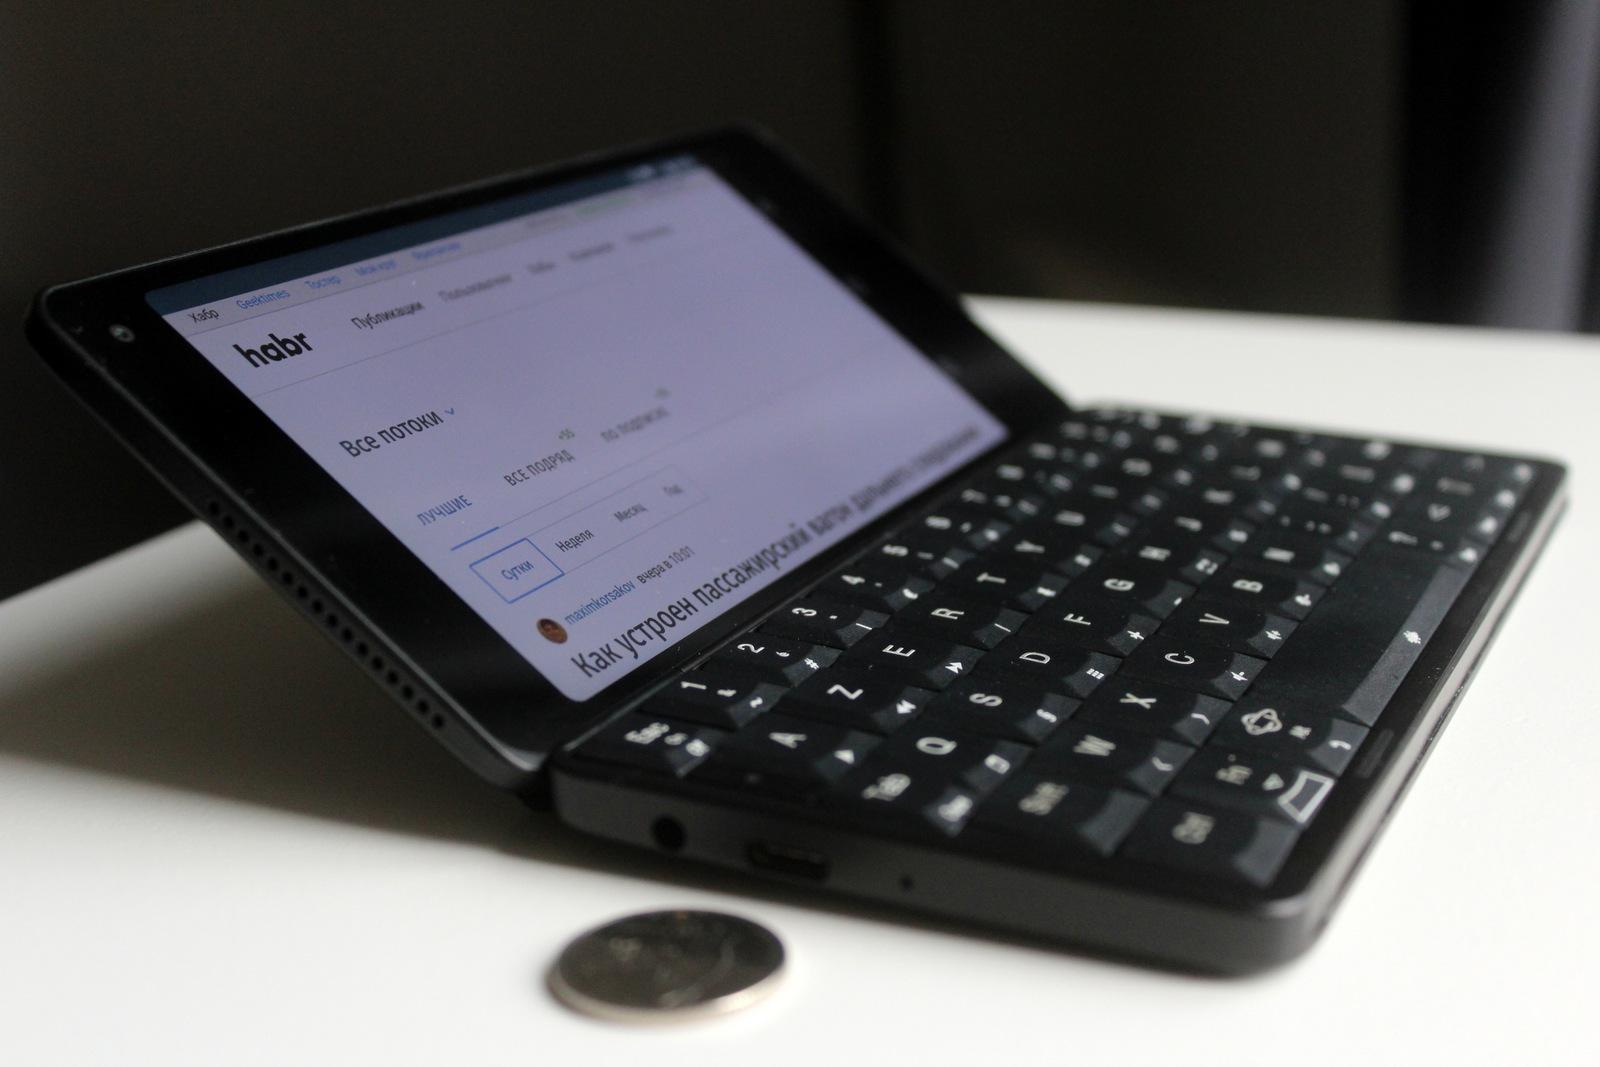 Впечатления от Gemini PDA. Карманный dual-boot комбайн или бесполезная игрушка?